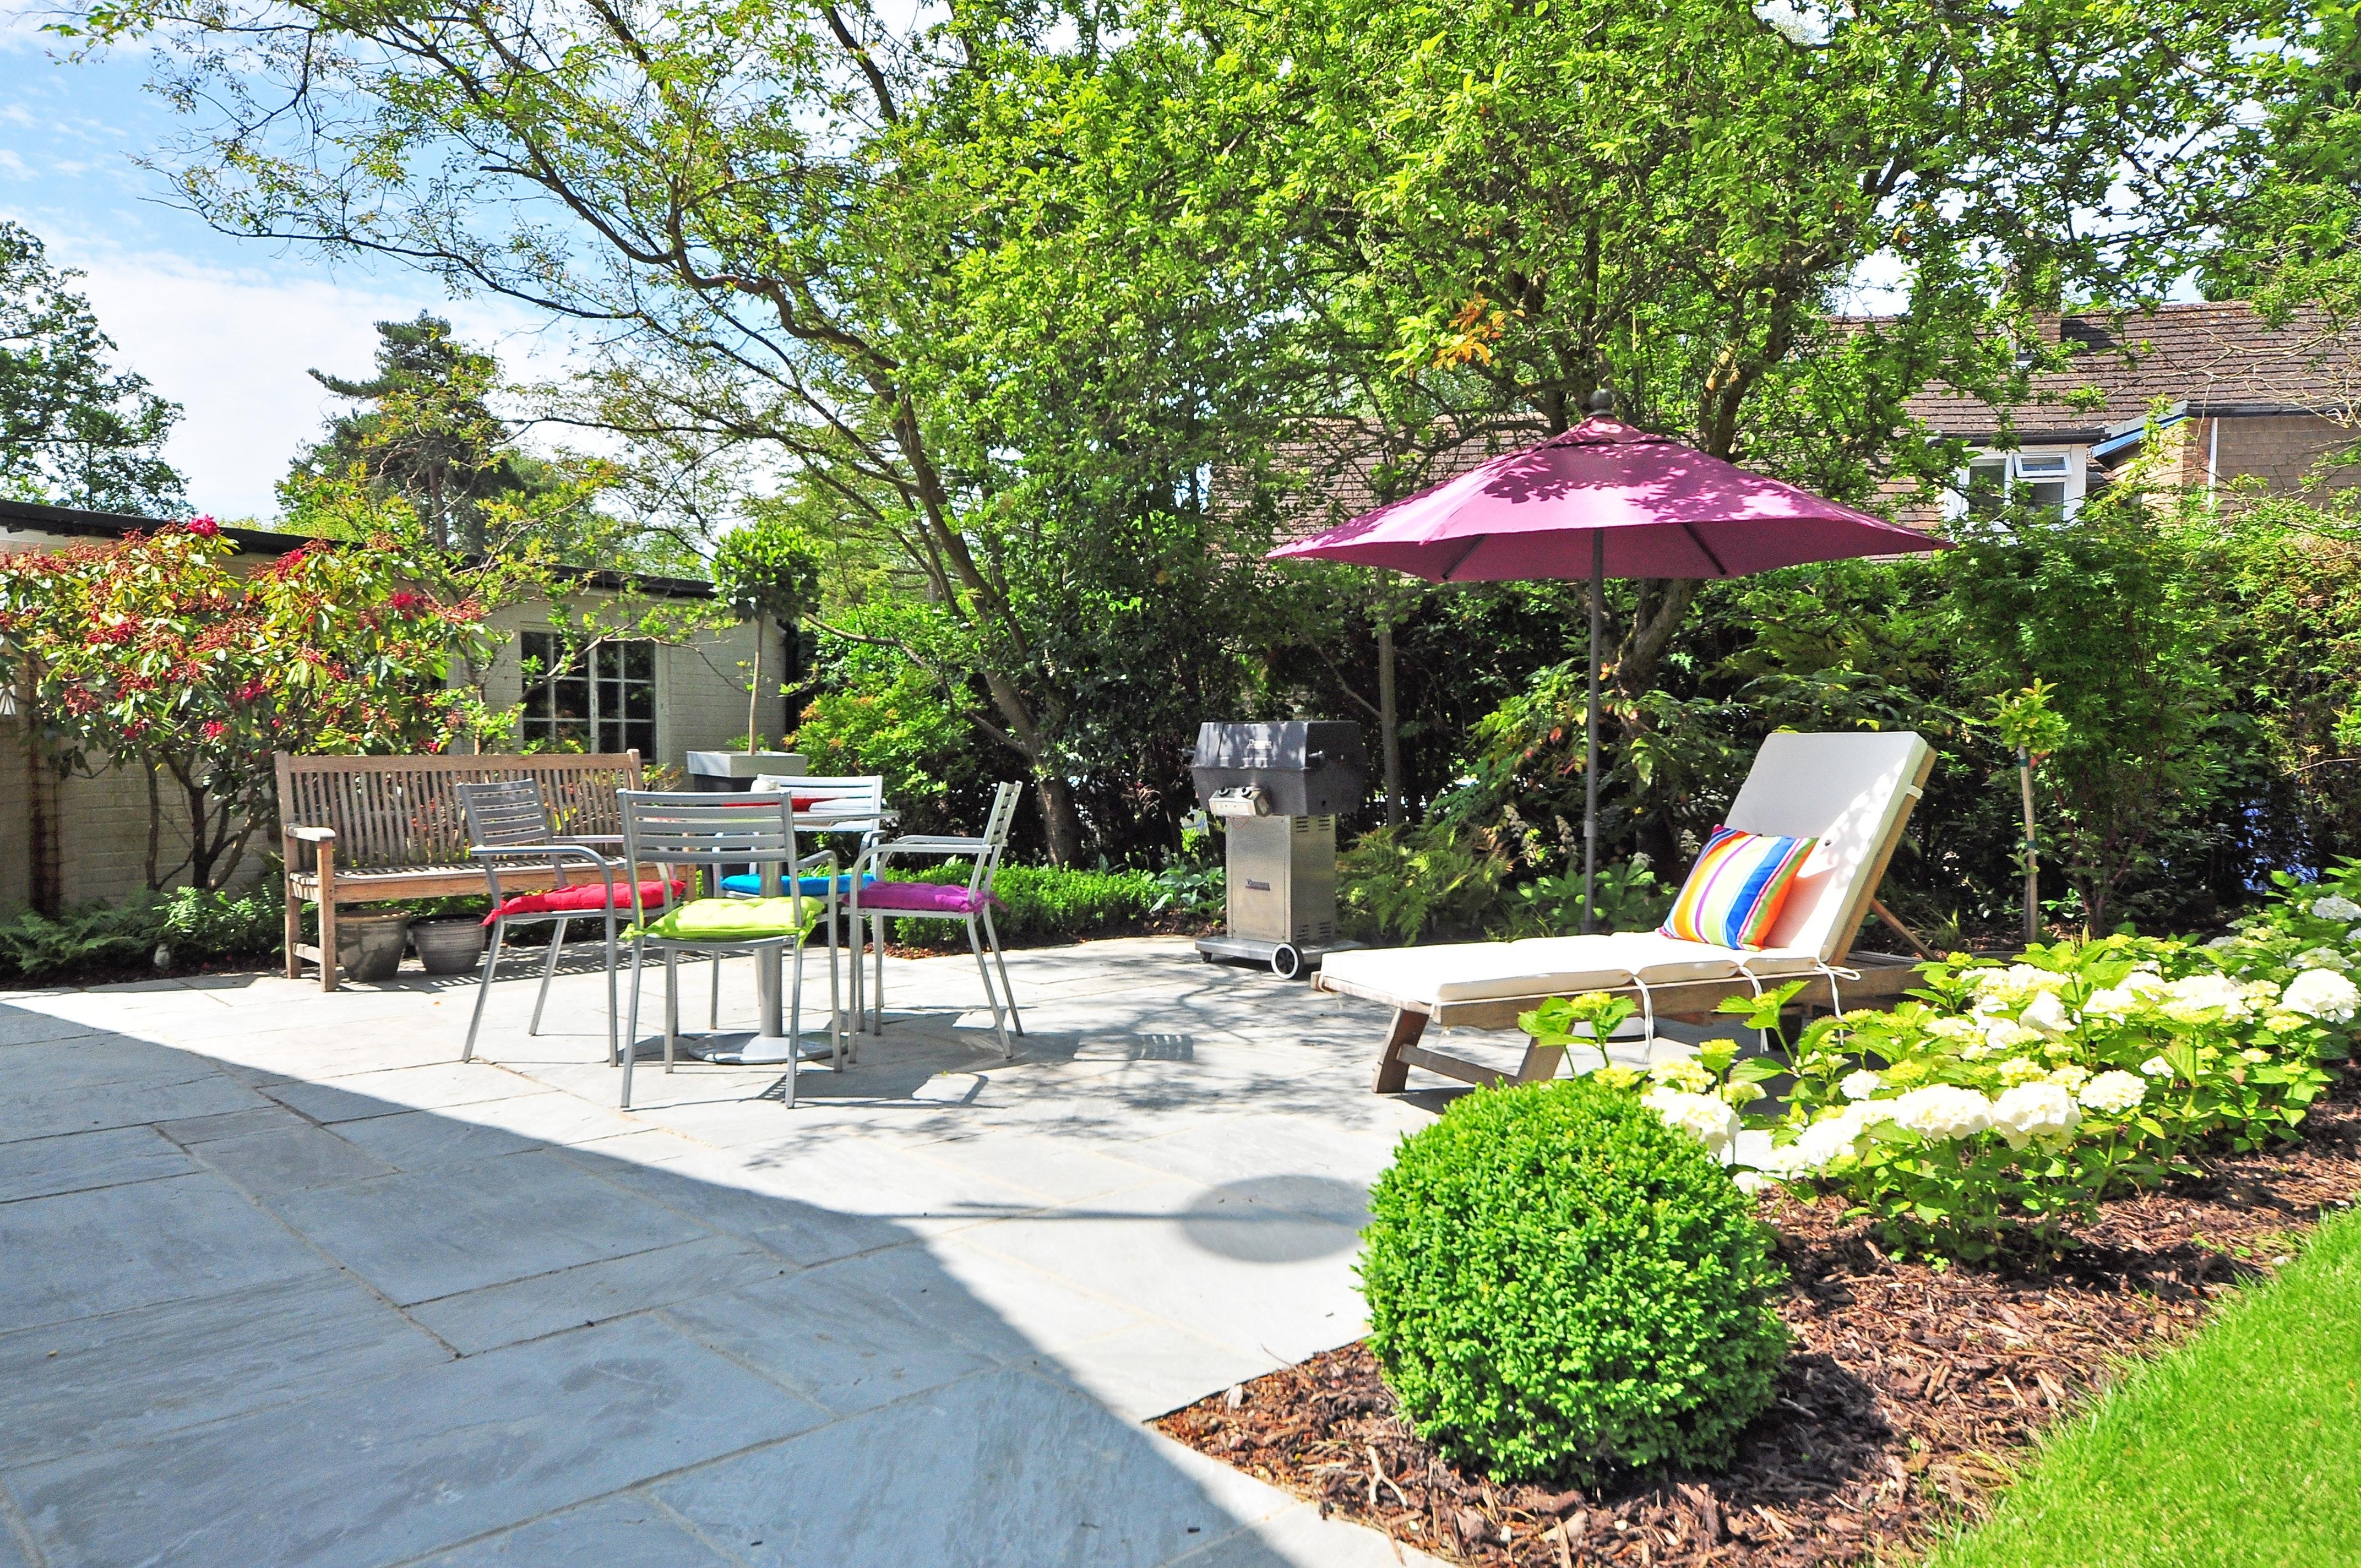 backyard-bench-daylight-environment-210531